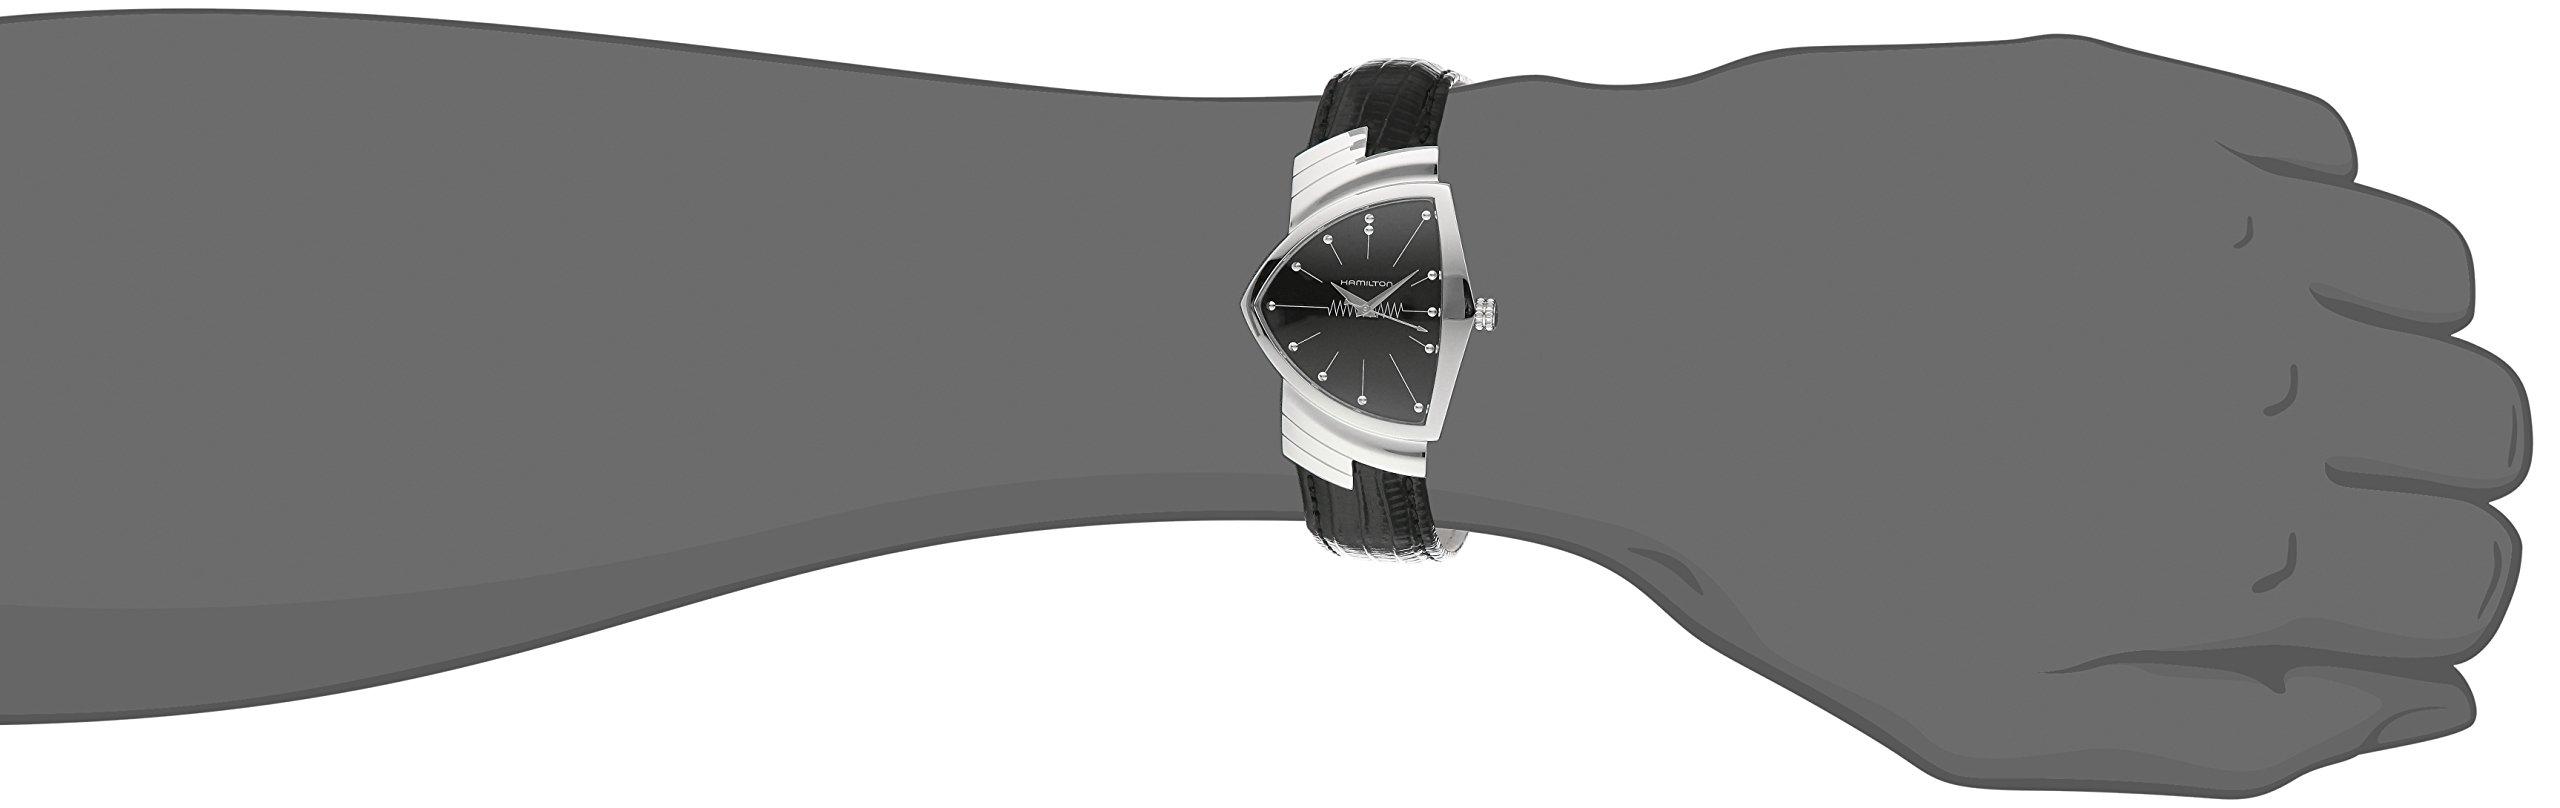 Hamilton H24411732 Ventura Reloj de Acero Inoxidable con Correa de Cuero